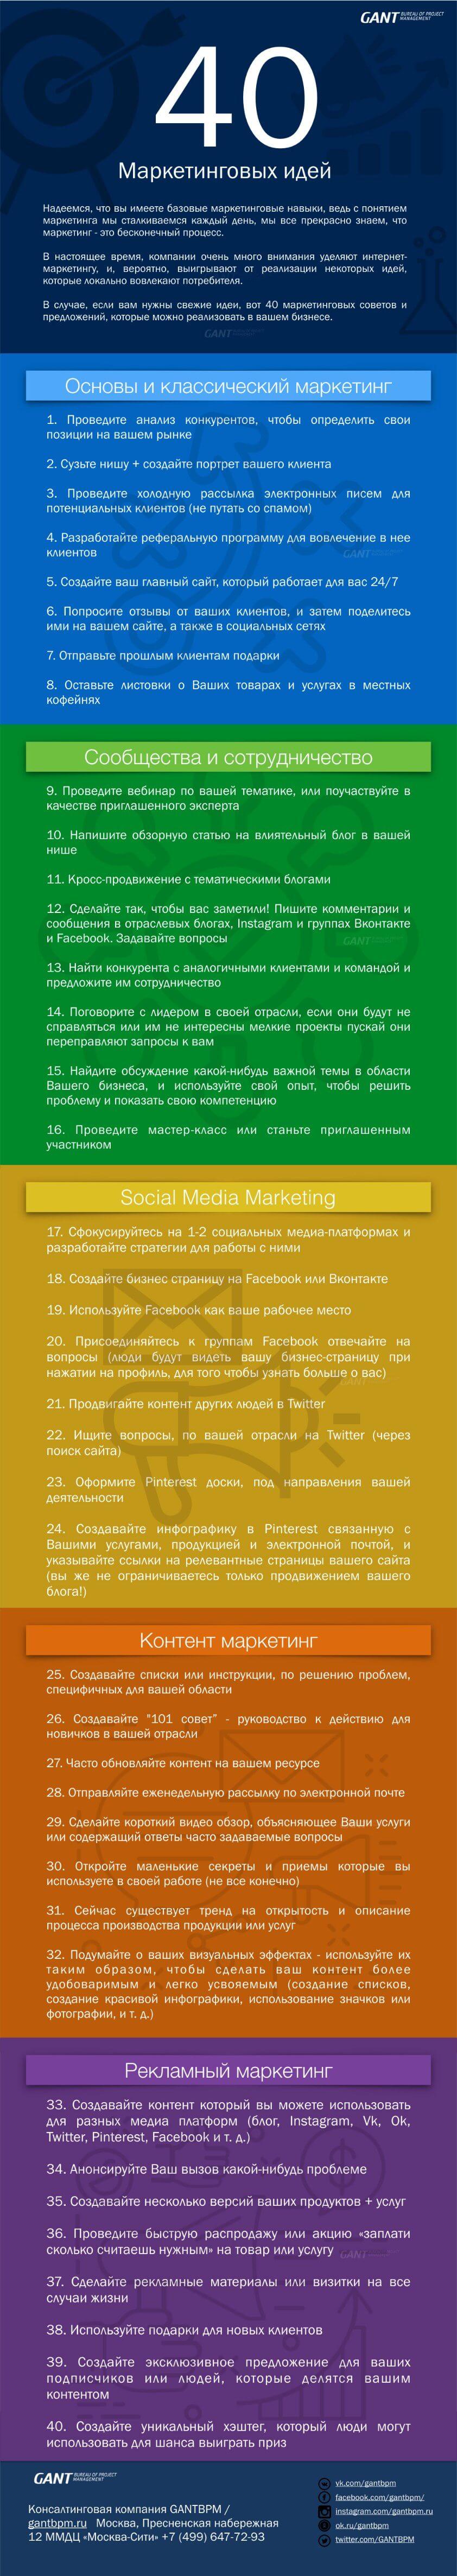 Маркетинговые идеи. 40 советов по маркетингу